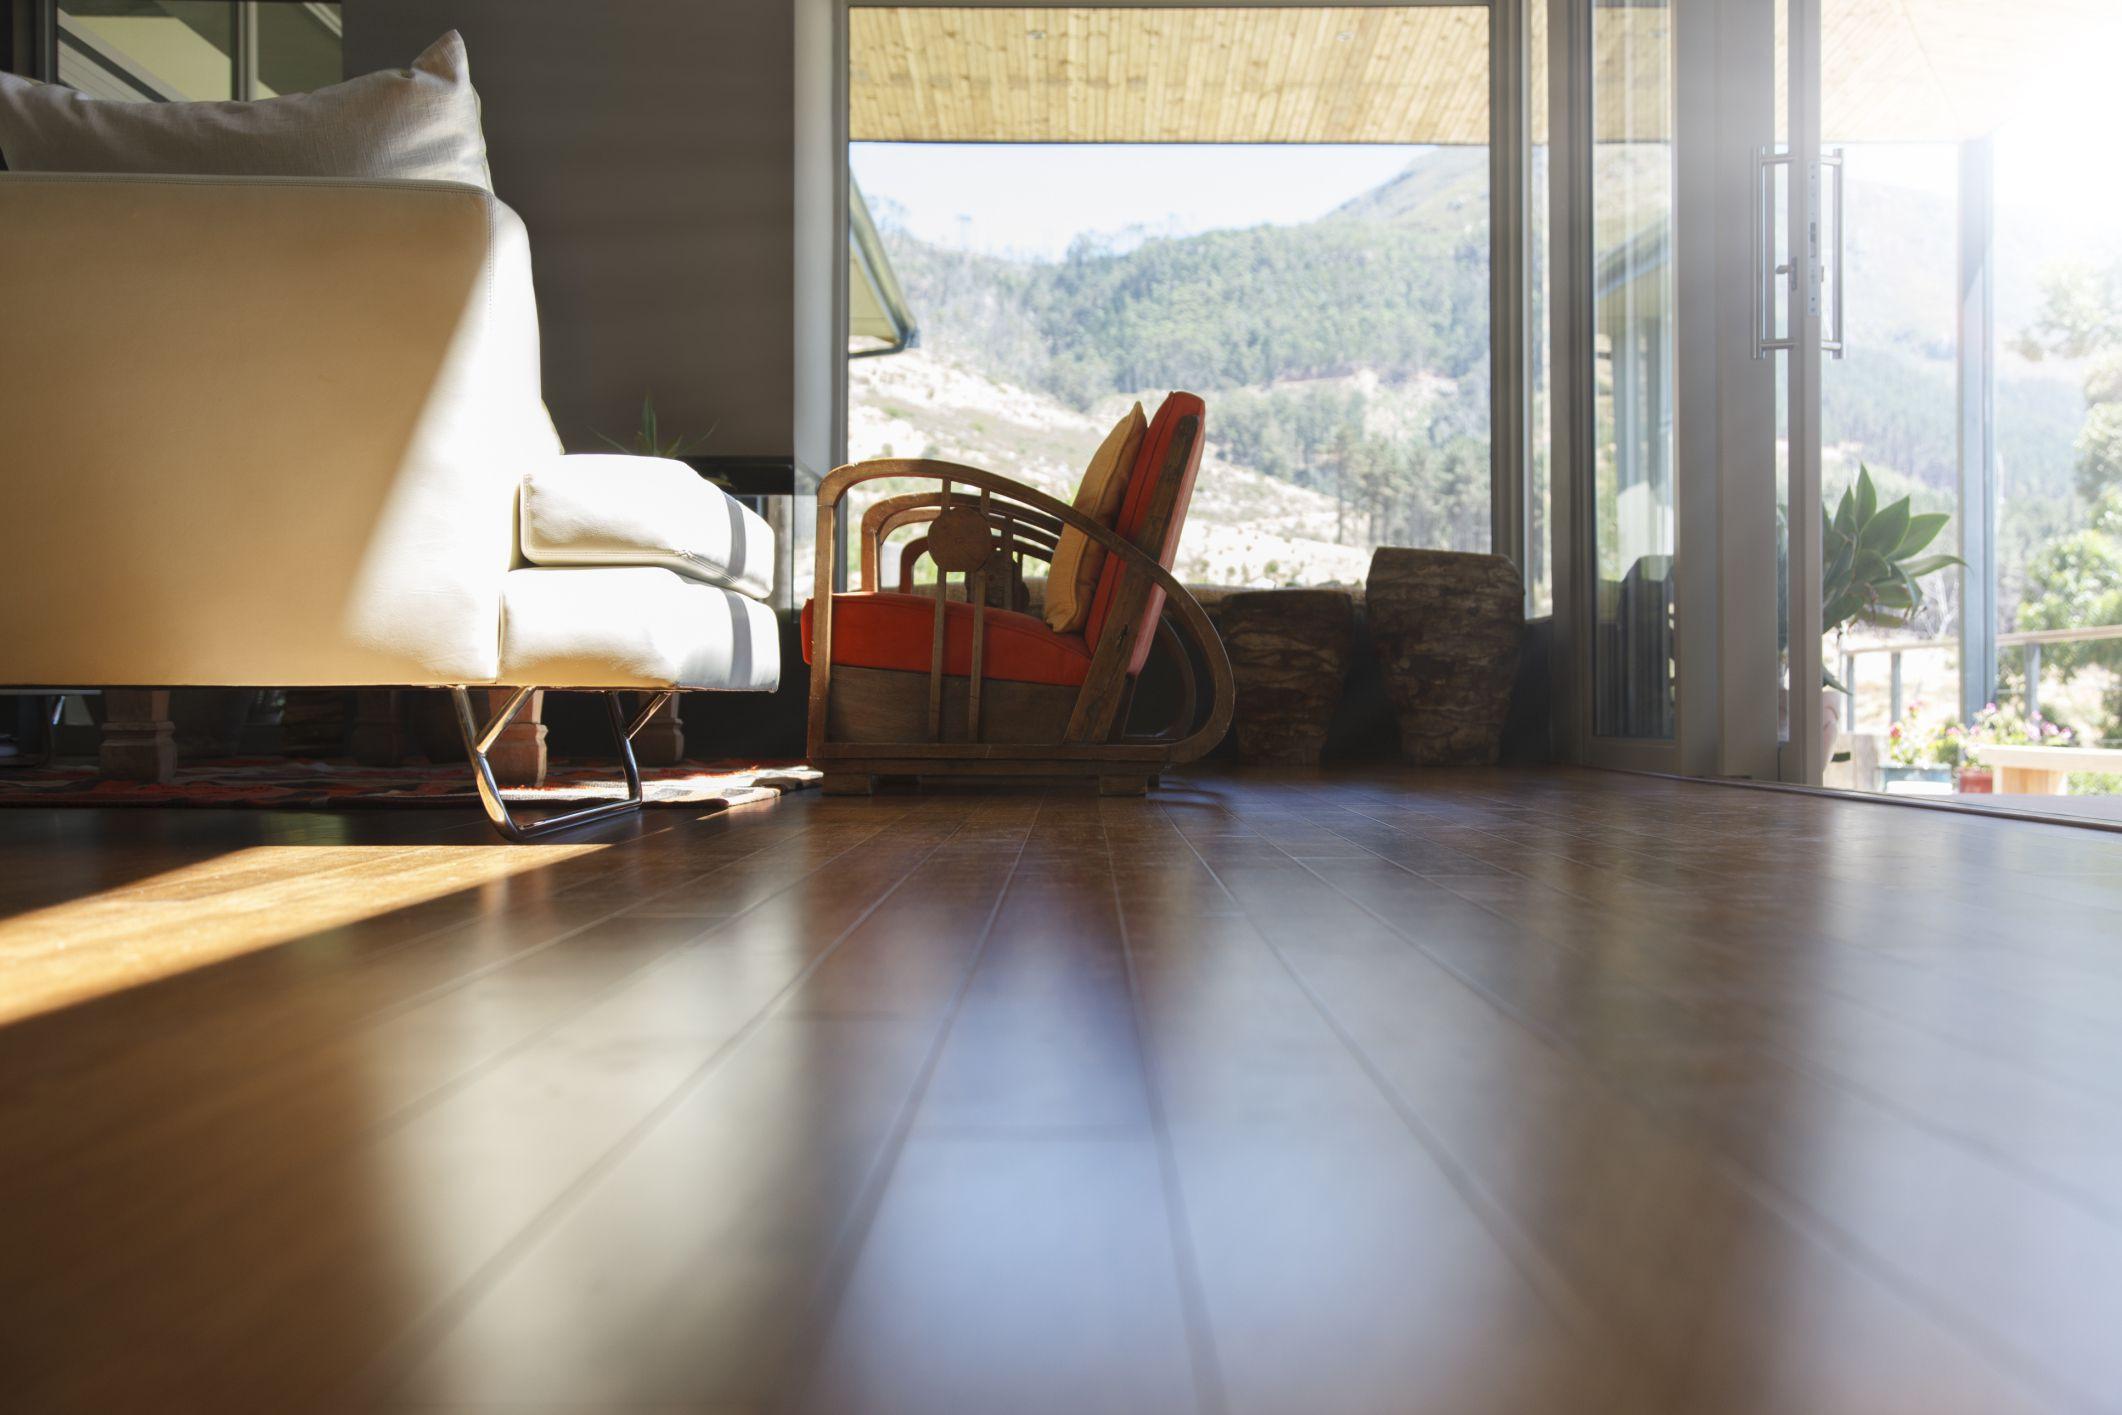 hardwood floor trends 2017 of 5 best luxury vinyl plank floors with regard to exotic hardwood flooring 525439899 56a49d3a3df78cf77283453d